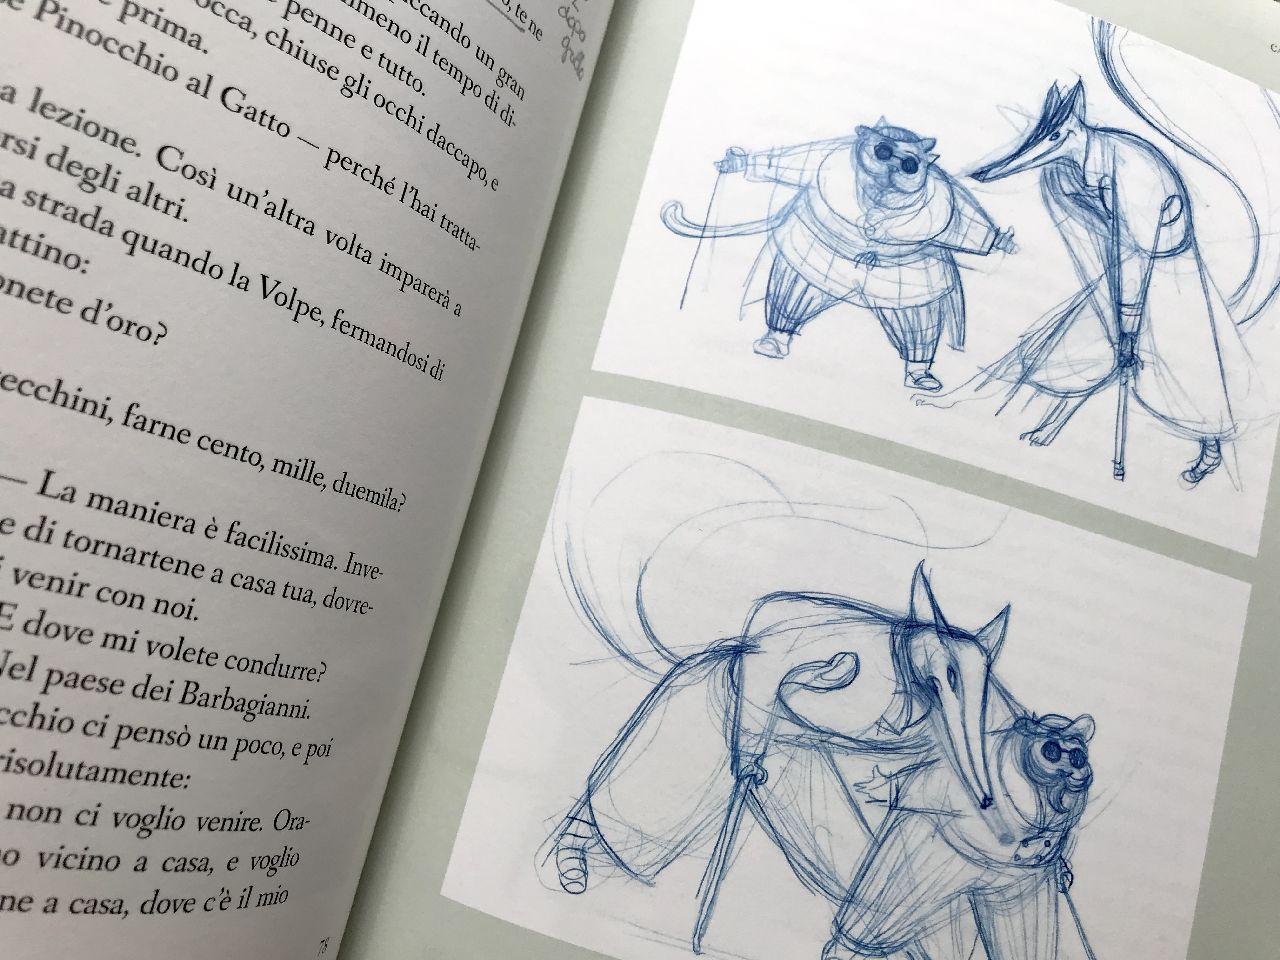 Carlo Collodi - Lorenzo Mattotti, Pinocchio, Bompiani